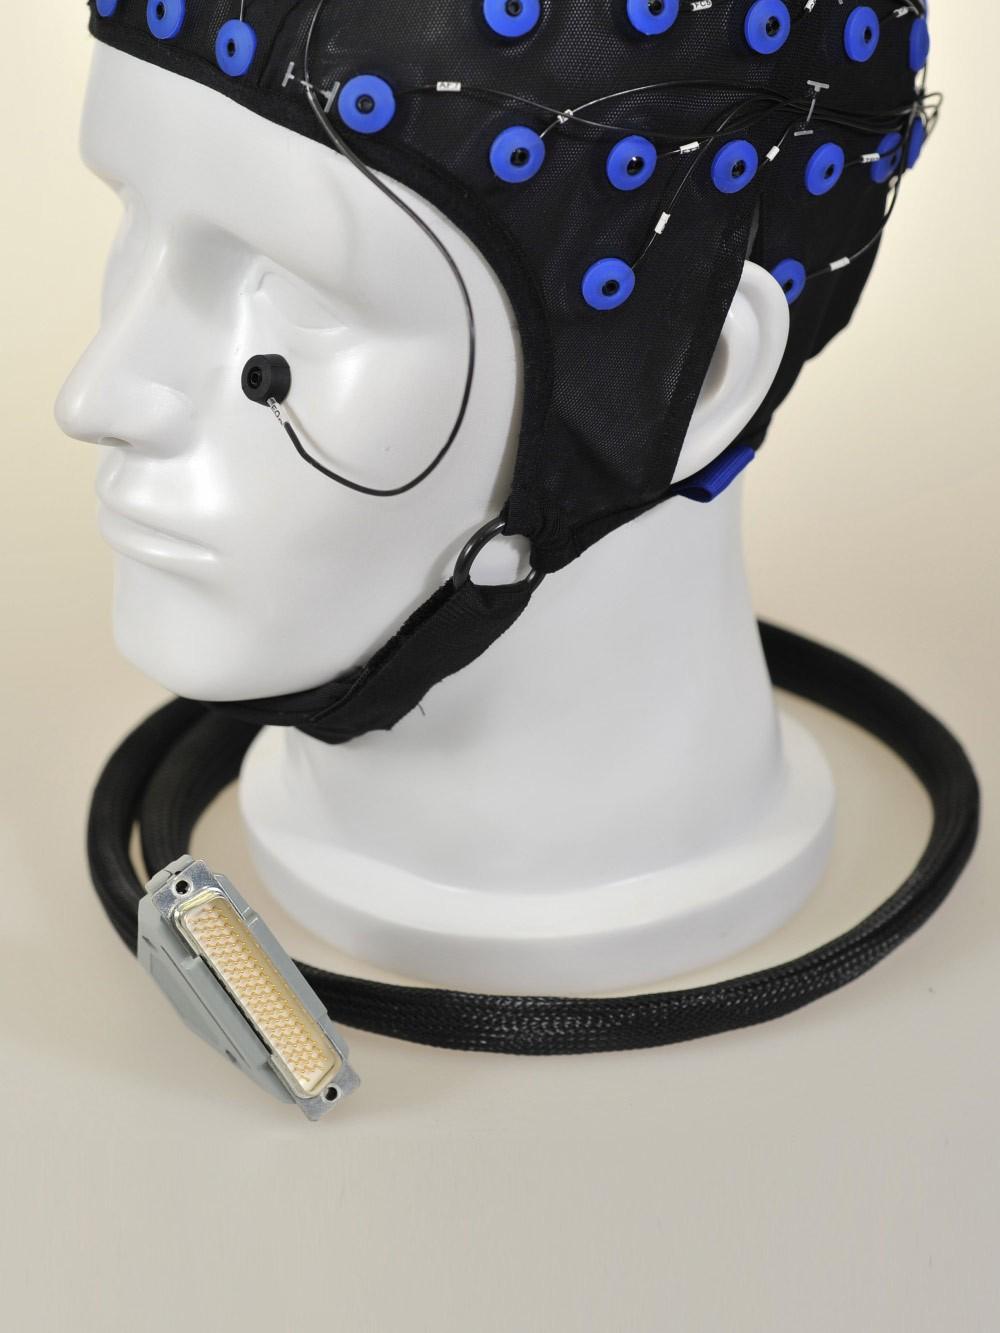 长程脑电图帽斜侧面细节图